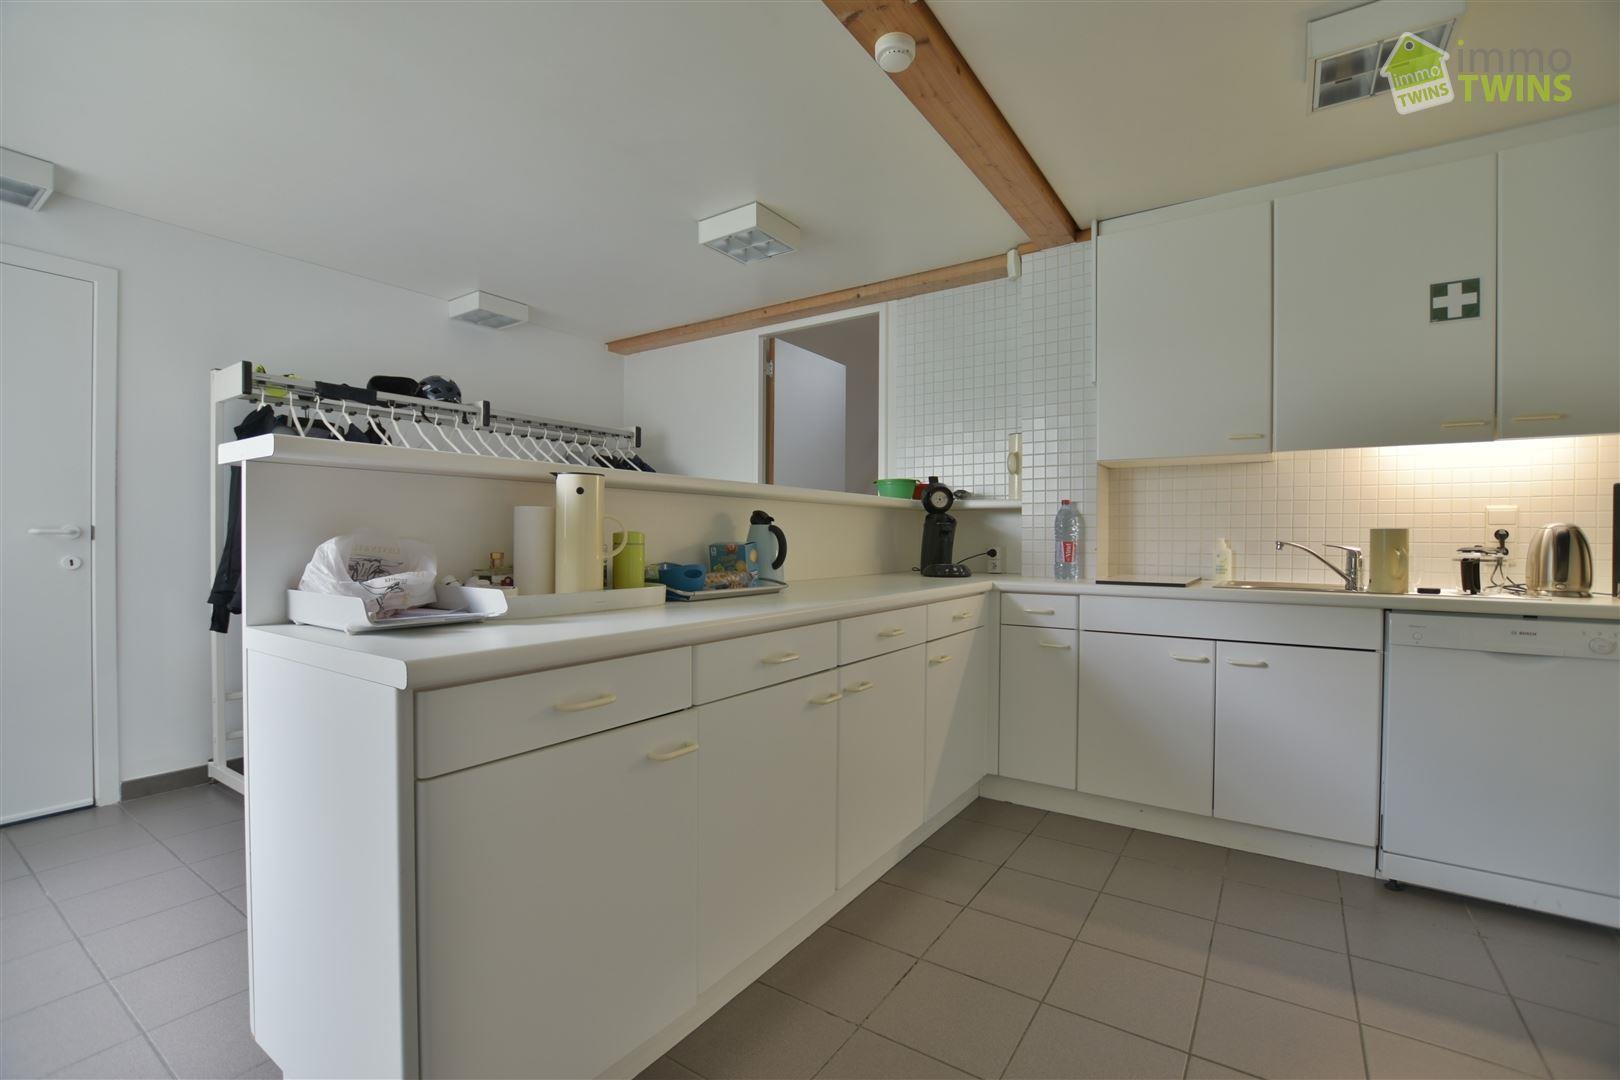 Foto 6 : Kantoorruimte te 9200 DENDERMONDE (België) - Prijs € 2.500